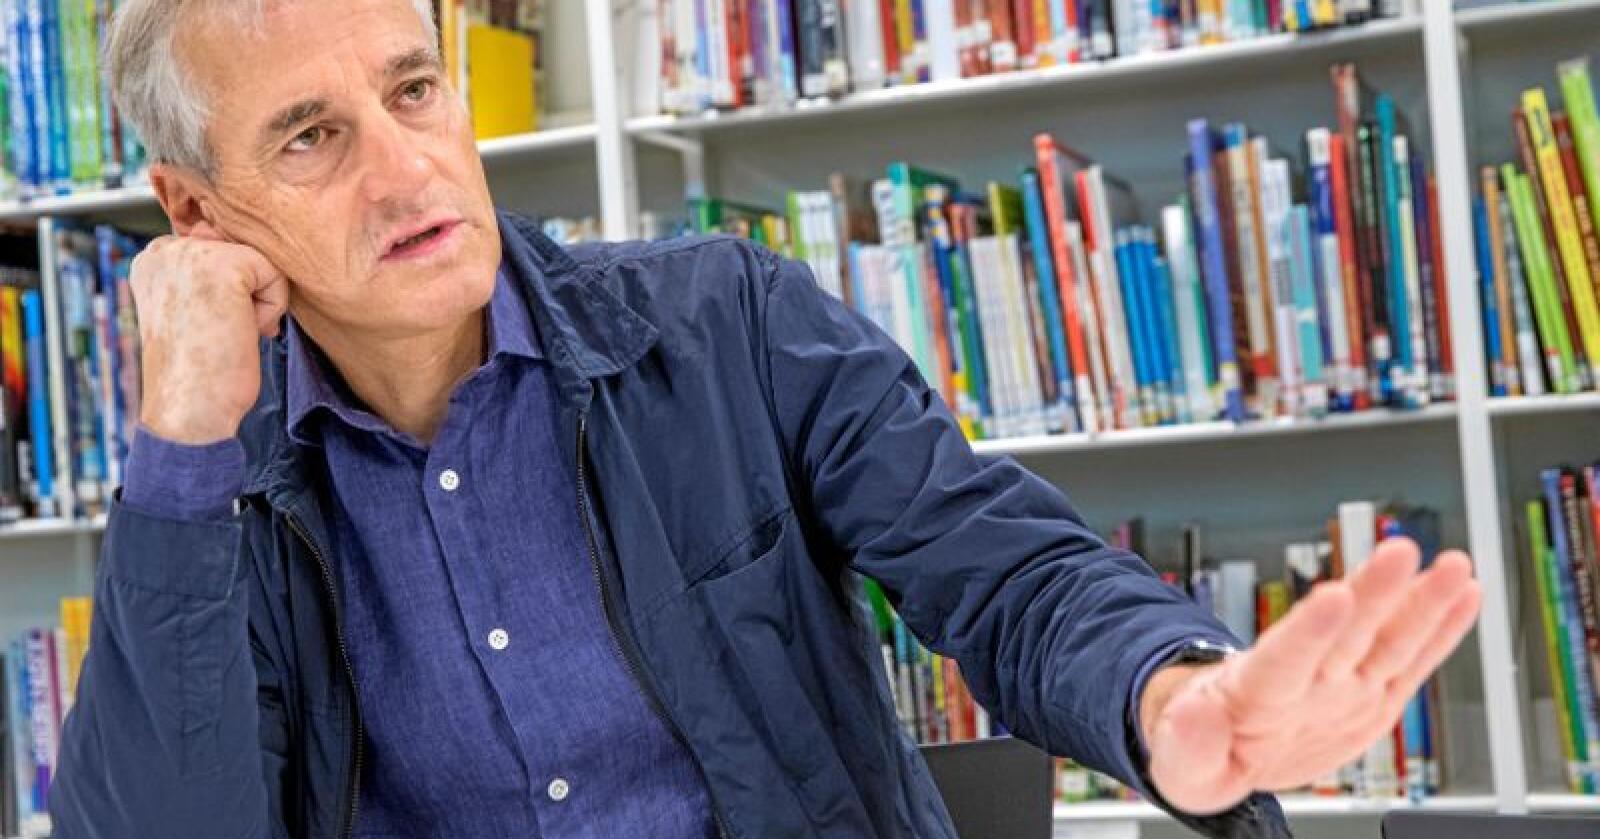 Jonas Gahr Støre er tilbake på Berg skole i Oslo hvor han begynte på videregående i 1976. Der møtte han elever på 4. trinn som tilbringer de siste dagene før skolestart på AKS. Foto: Berg-Rusten, Ole / NTB scanpix